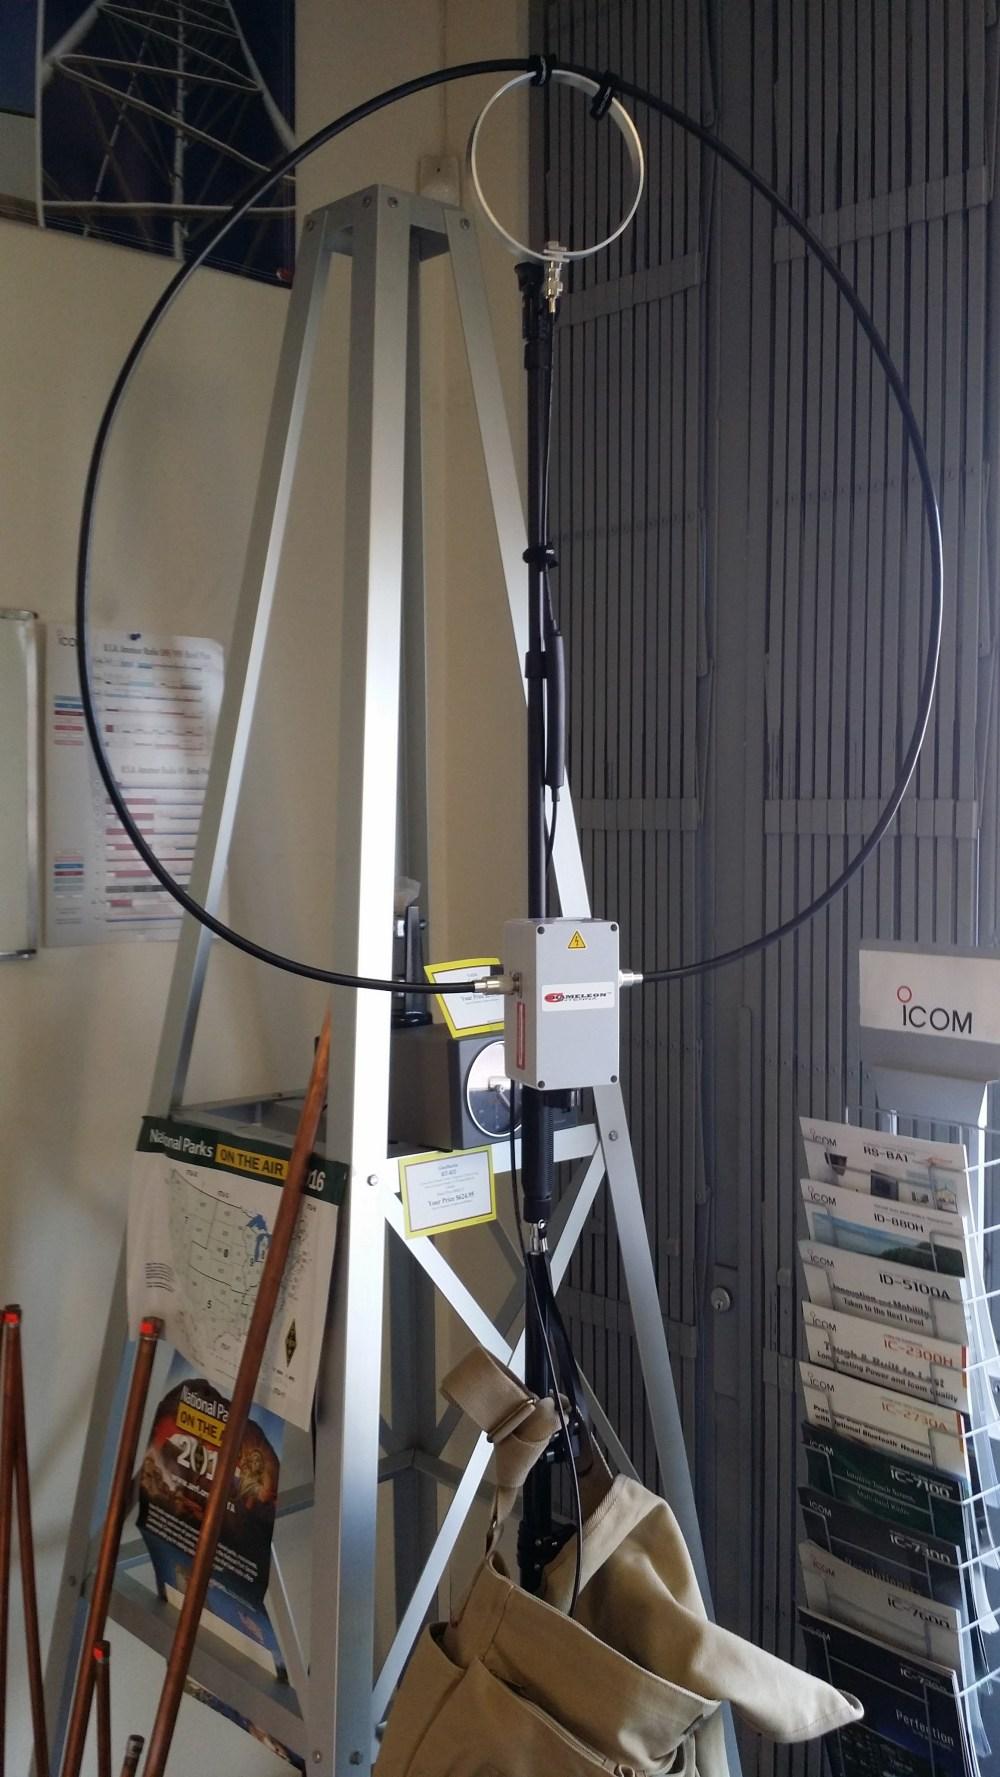 Diy Magnetic Loop Antenna Part 3 - Year of Clean Water